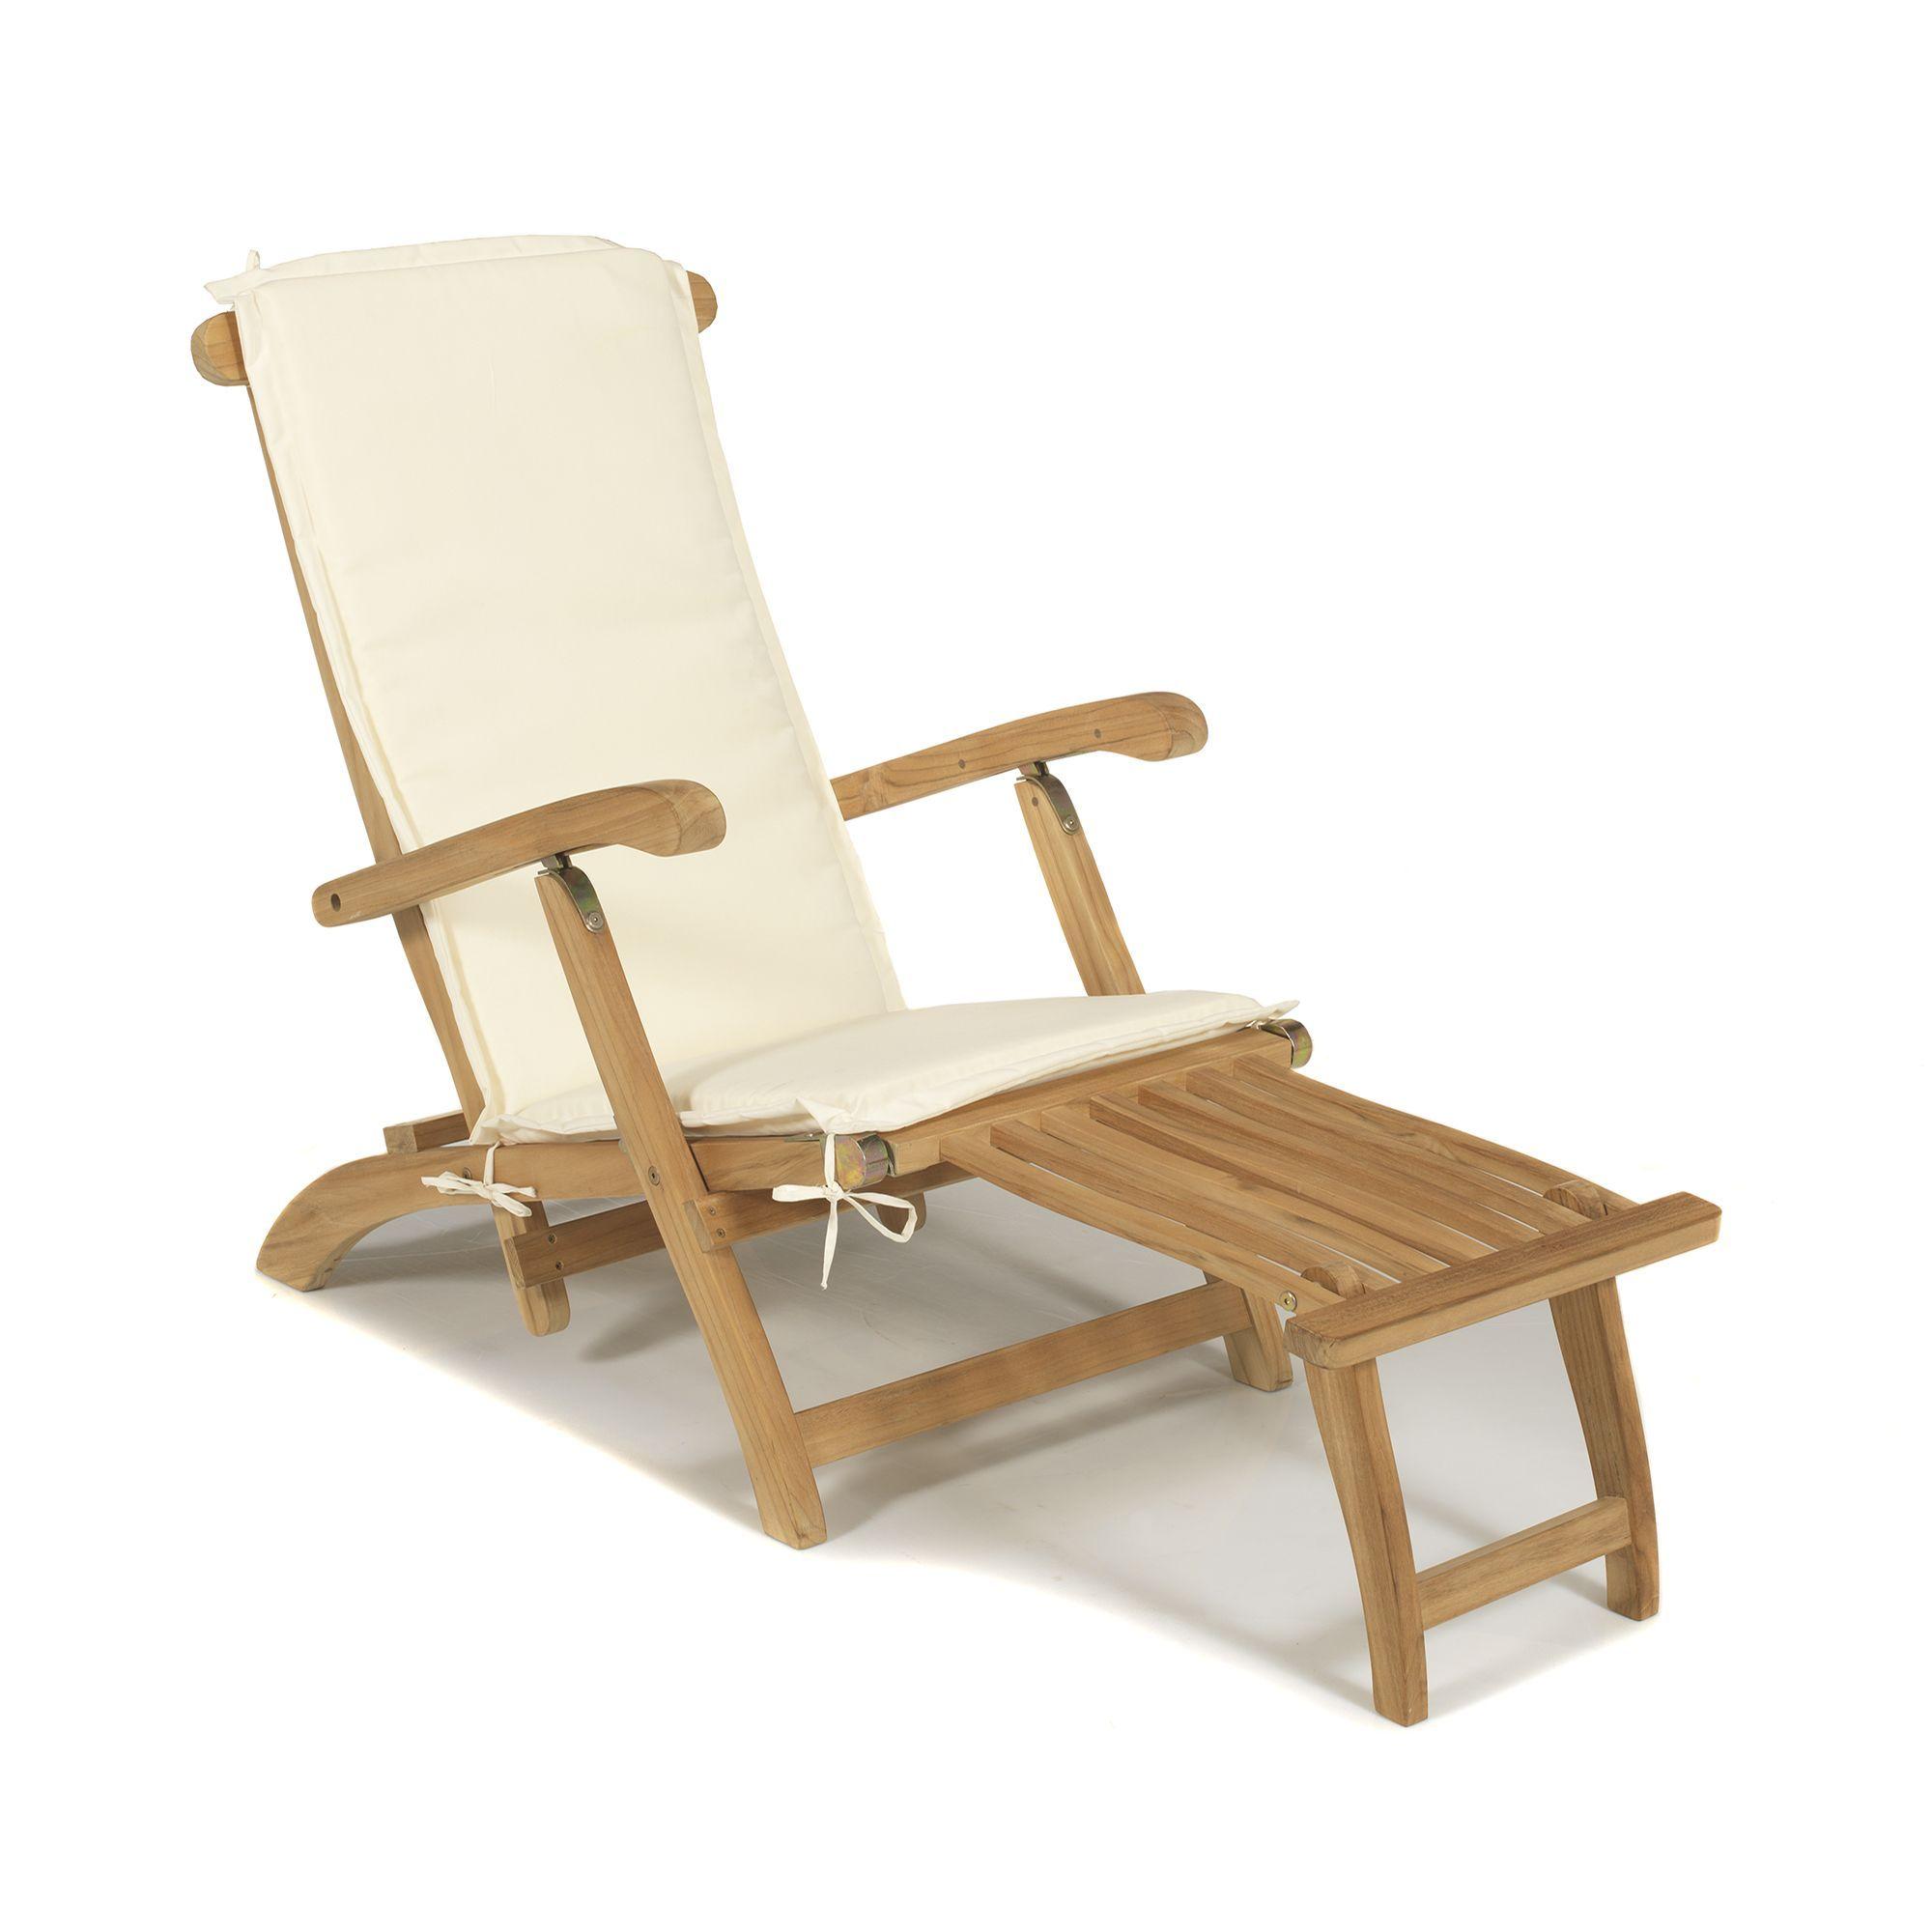 chaise longue avec repose pied et cousinage naturel josy les bains de soleil et transats. Black Bedroom Furniture Sets. Home Design Ideas